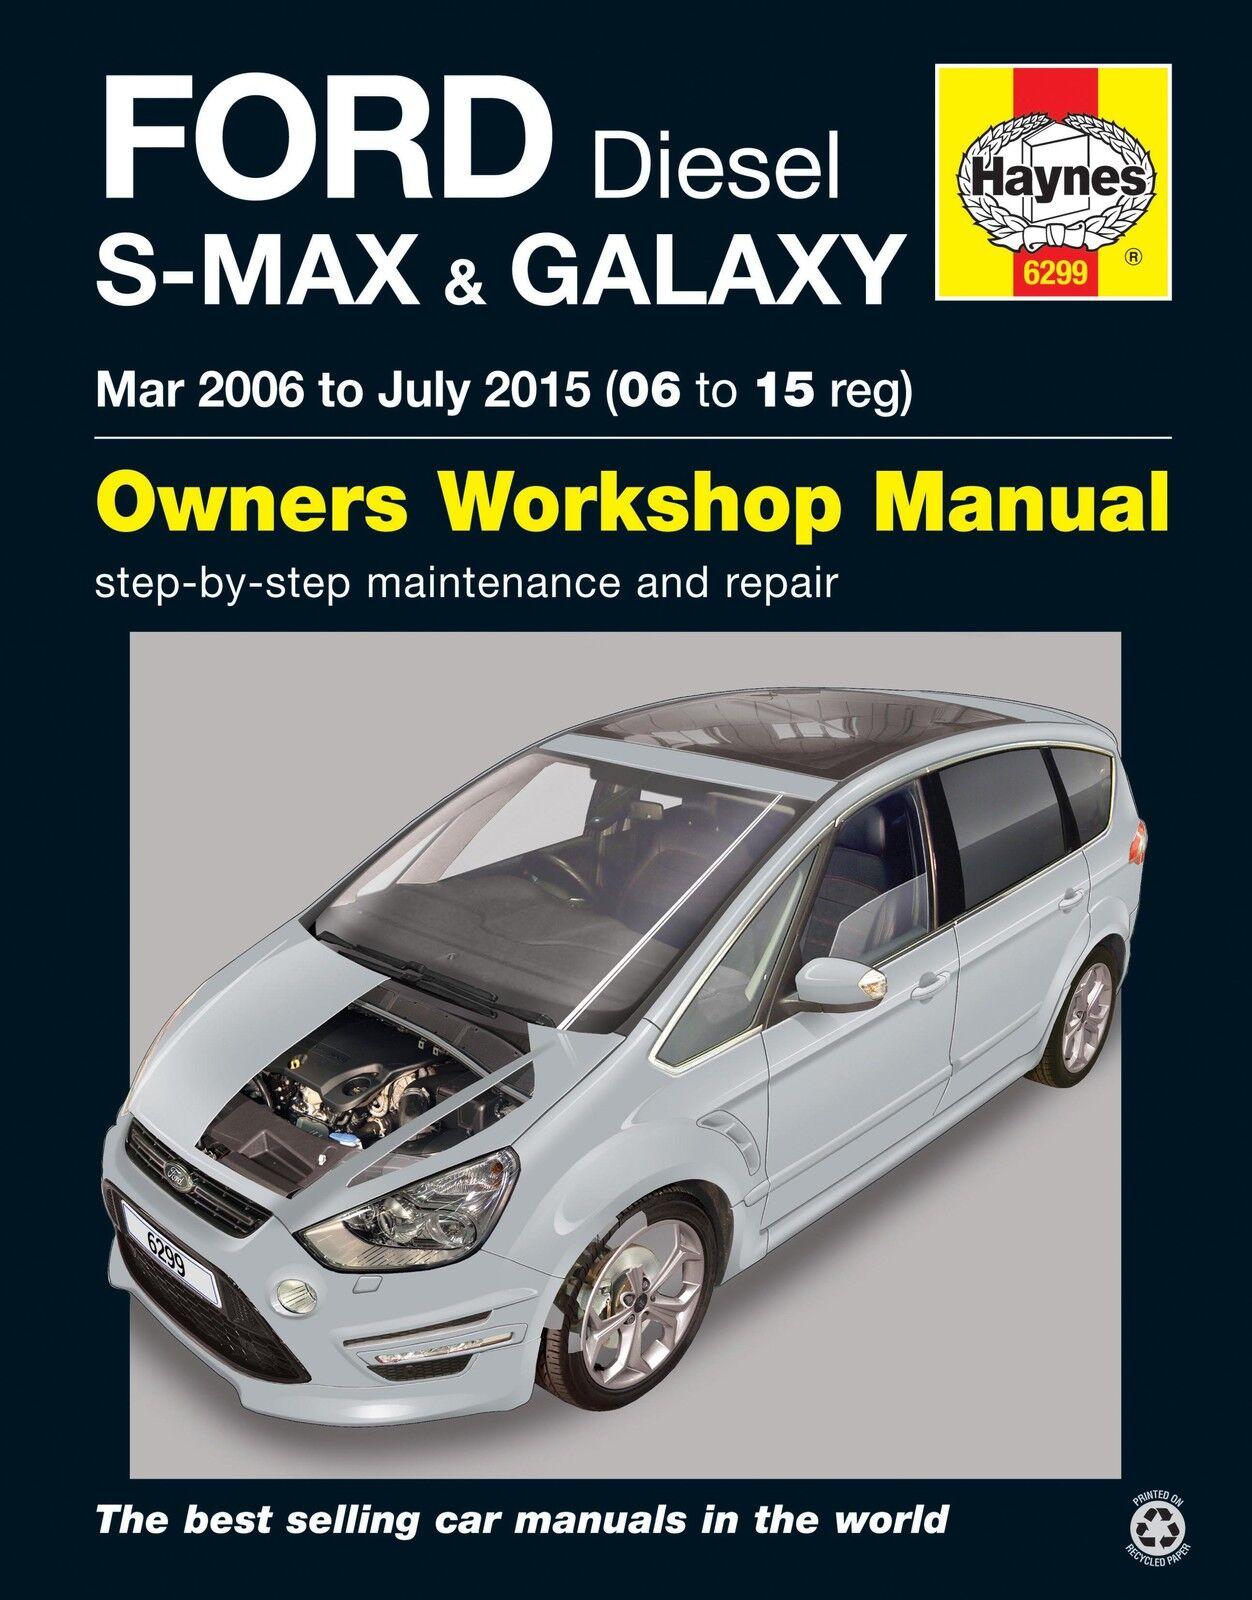 ford galaxy s max diesel mar 2006 to july 2015 haynes workshop rh ebay com Chilton Manuals Haynes Car Manuals 91 F 150